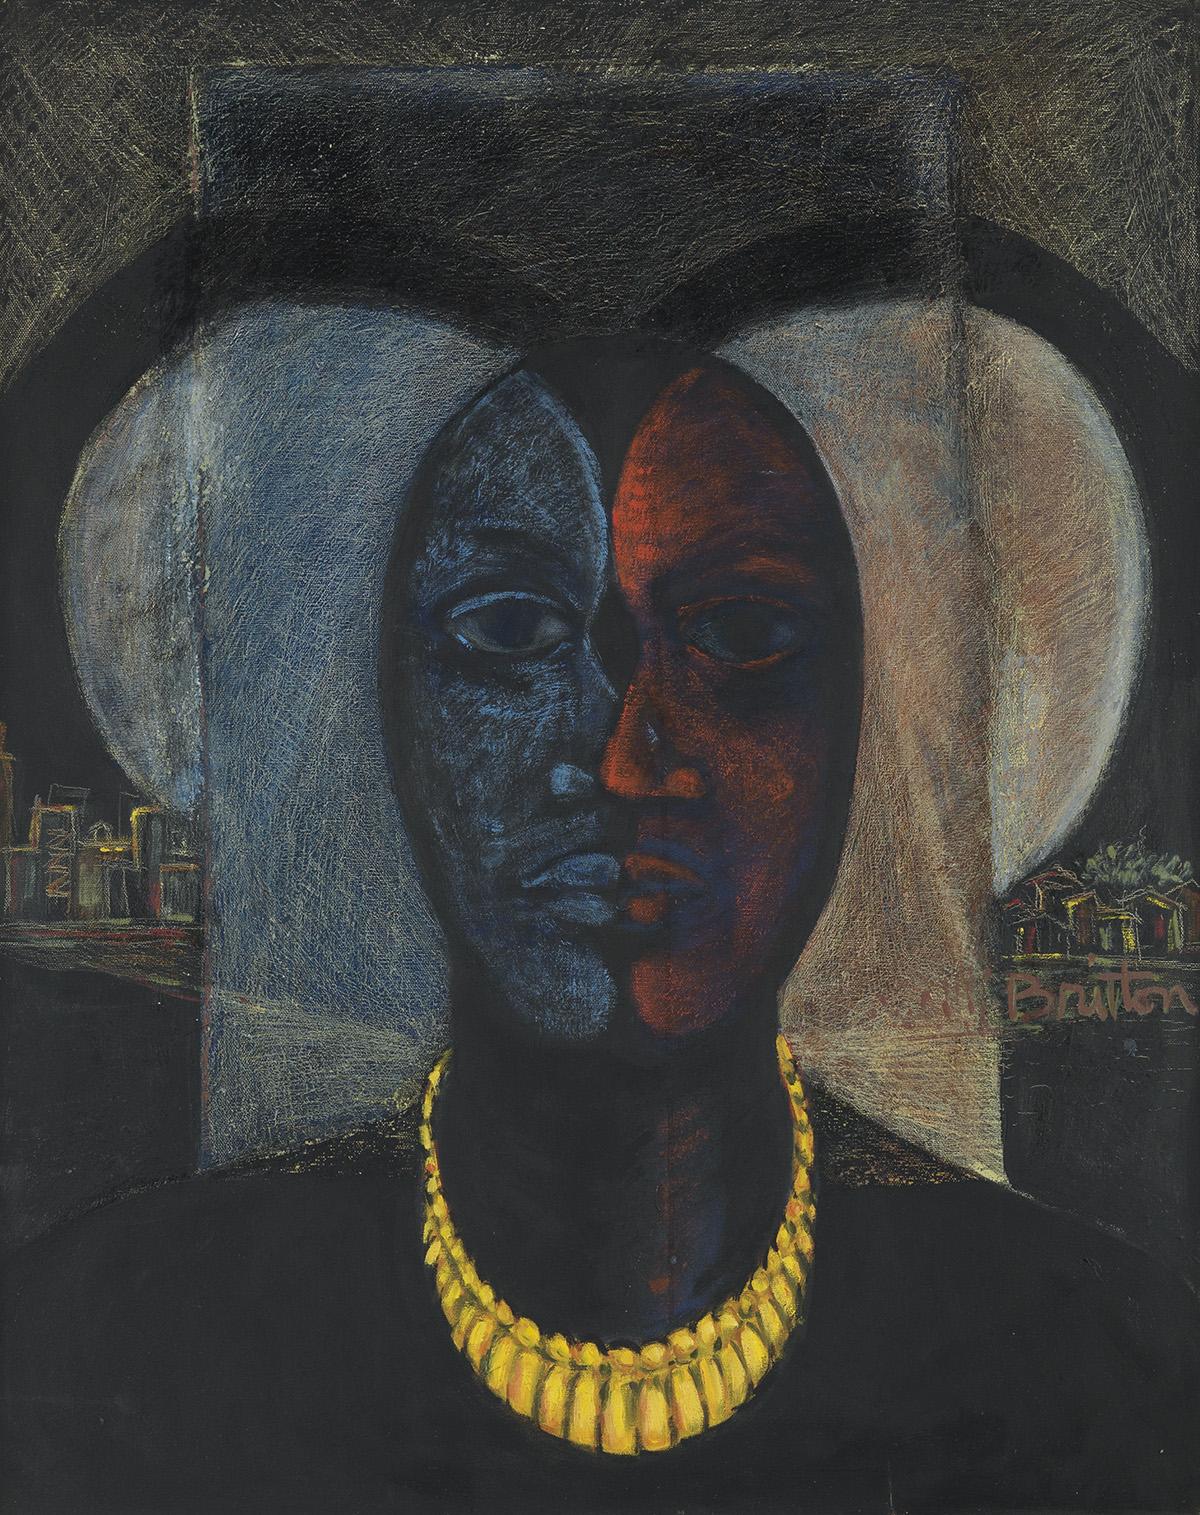 SYLVESTER BRITTON (1926 - 2009) The Prize.